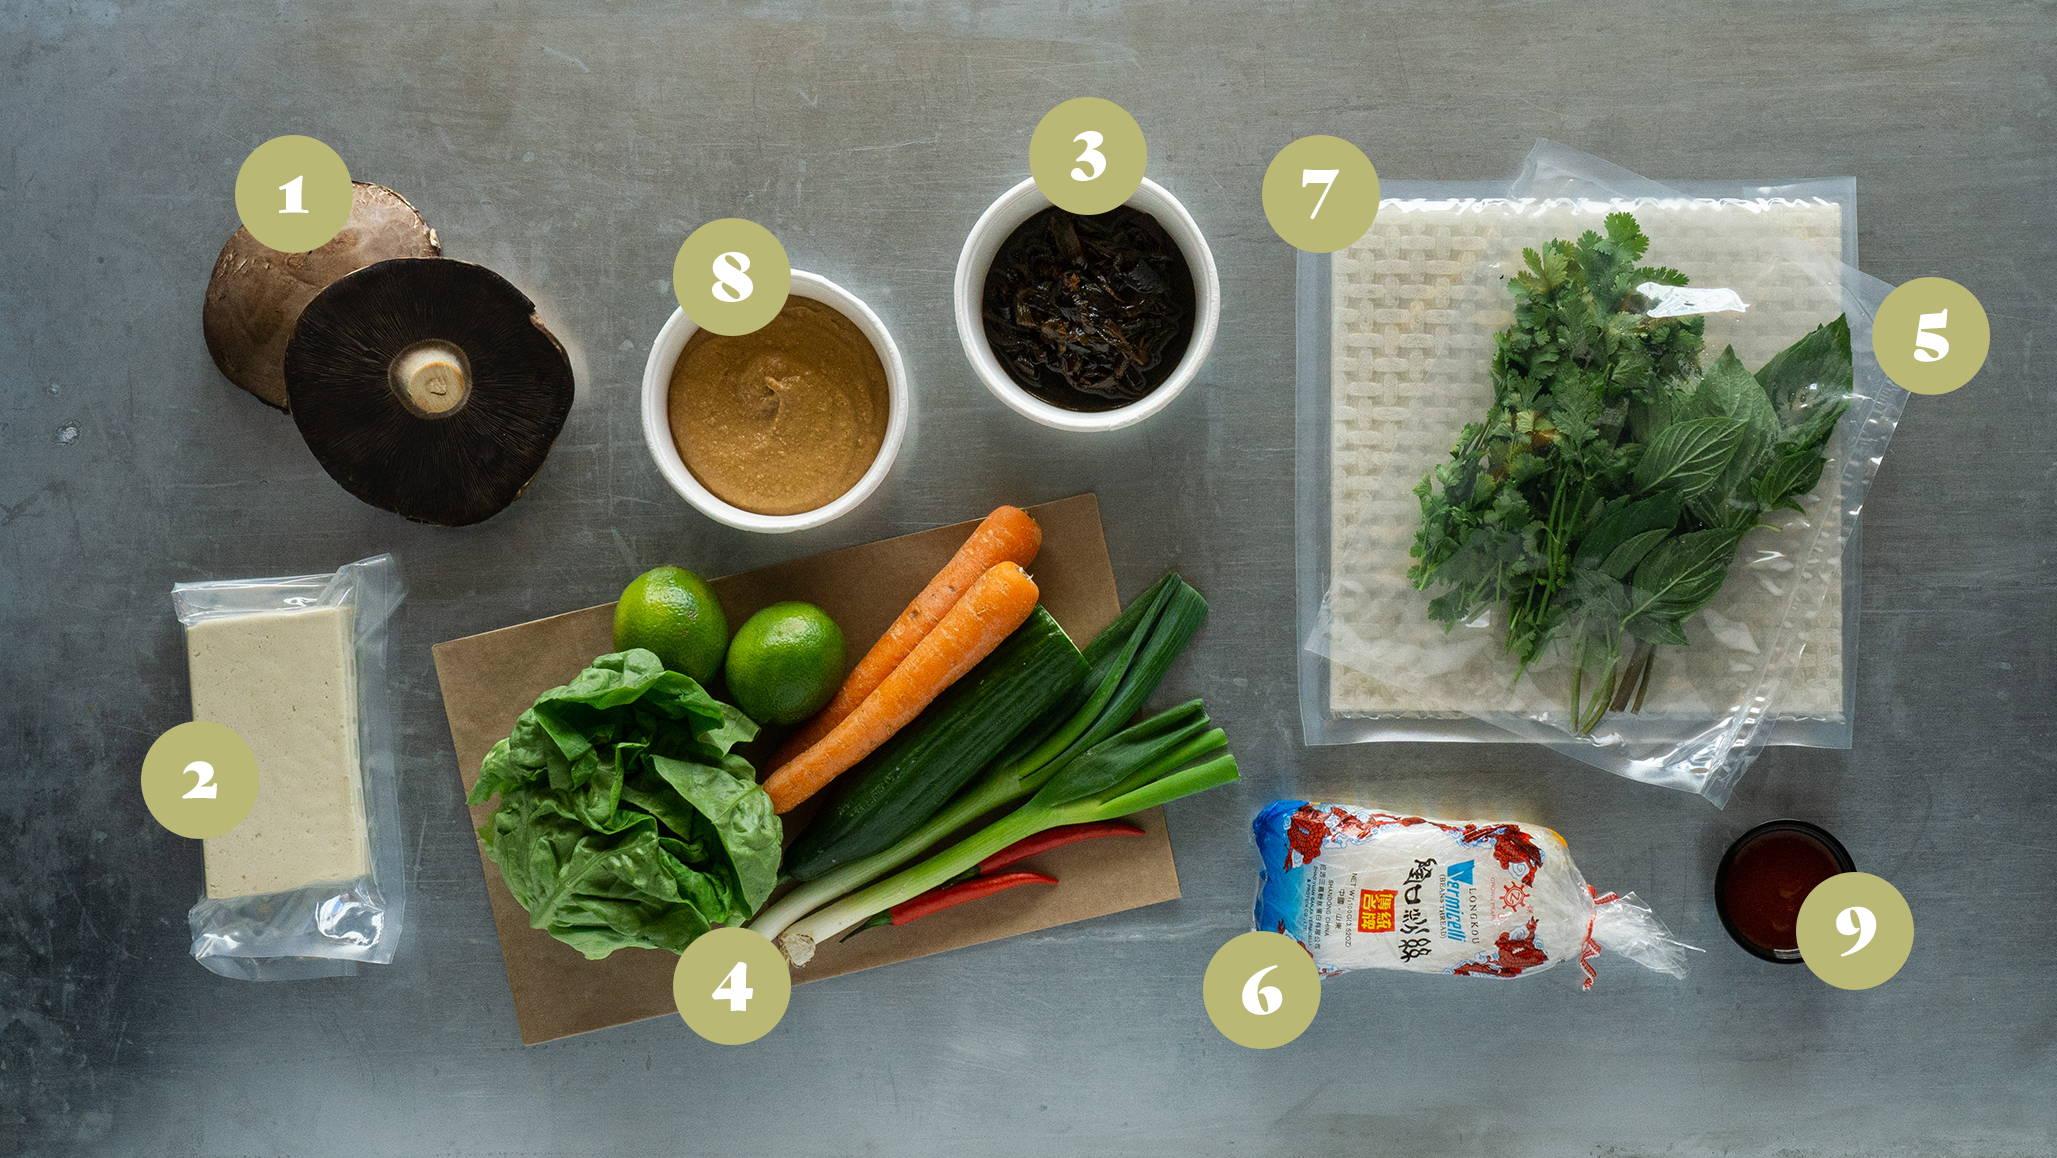 Opskrifter og vejledning til Friske forårsruller med karamelliseret portobello, tofu, nudler og grønt